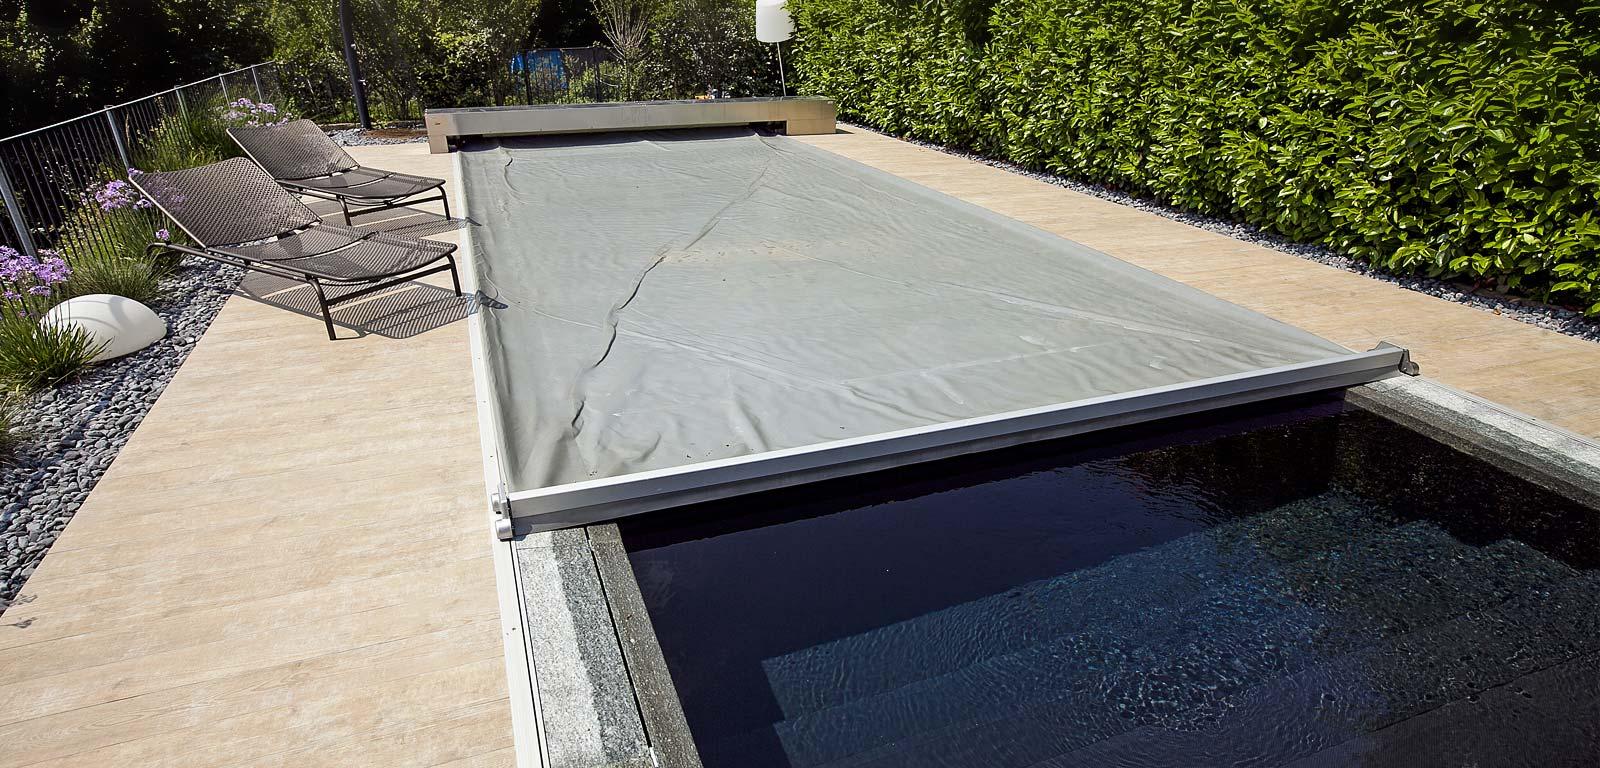 Ultimi preparativi prima di entrare in piscina - Pannelli solari per piscina ...